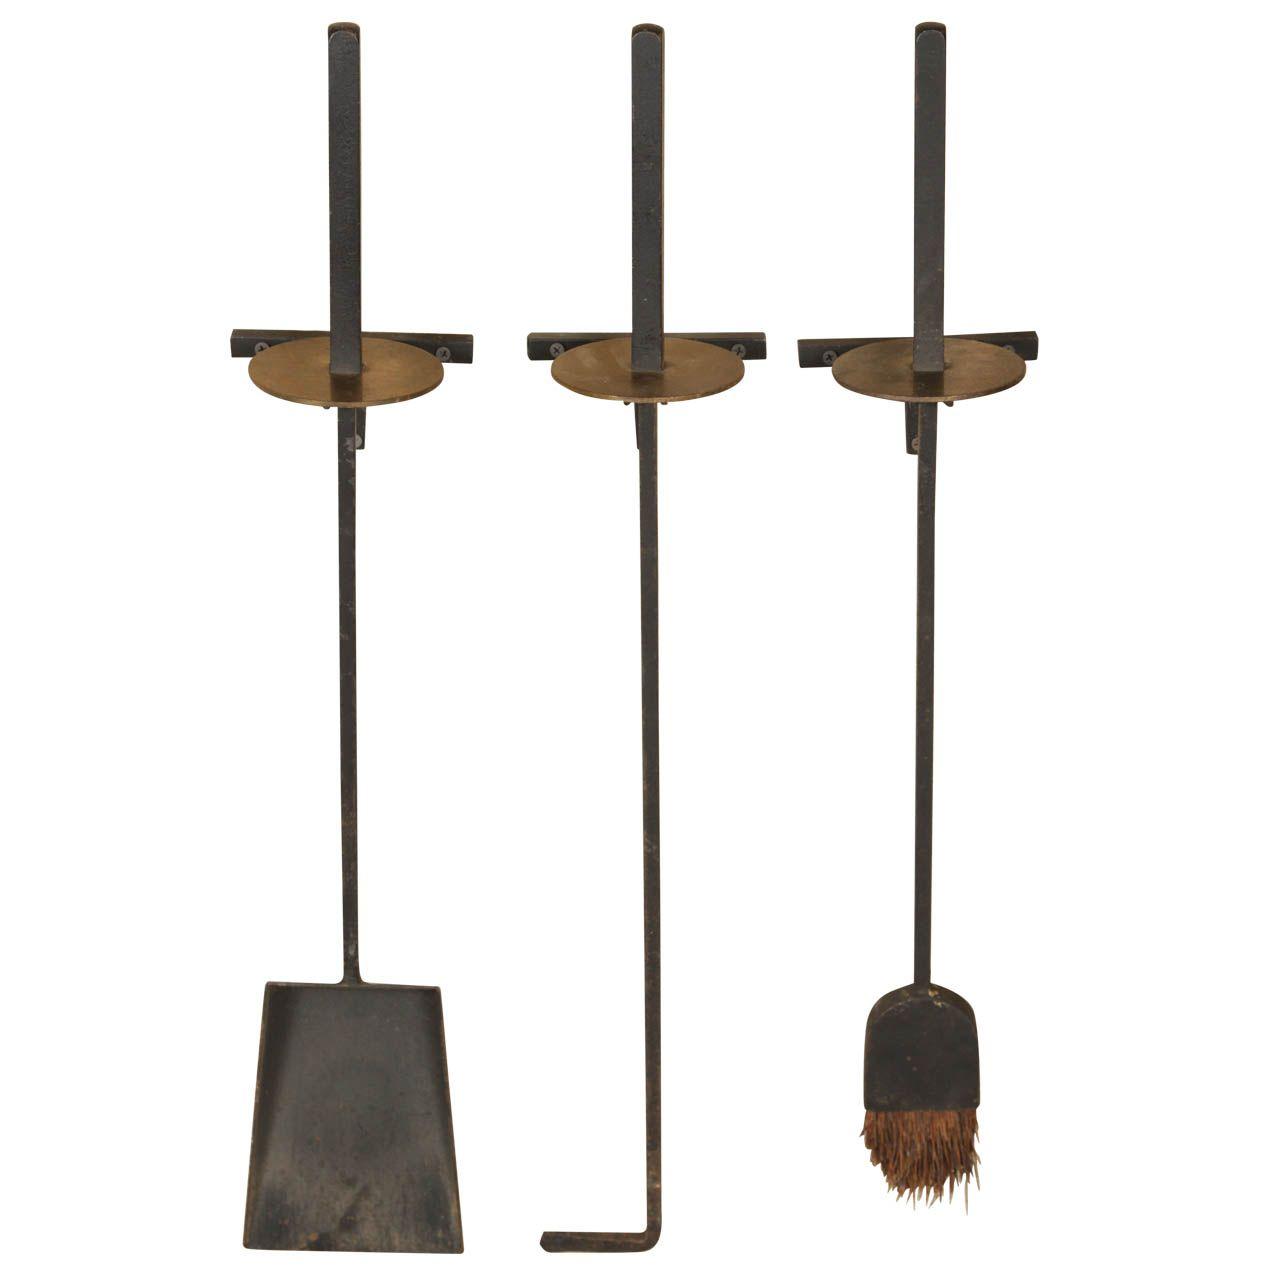 mel bogart for felmore fire tools. mel bogart for felmore fire tools  fireplace tools modern